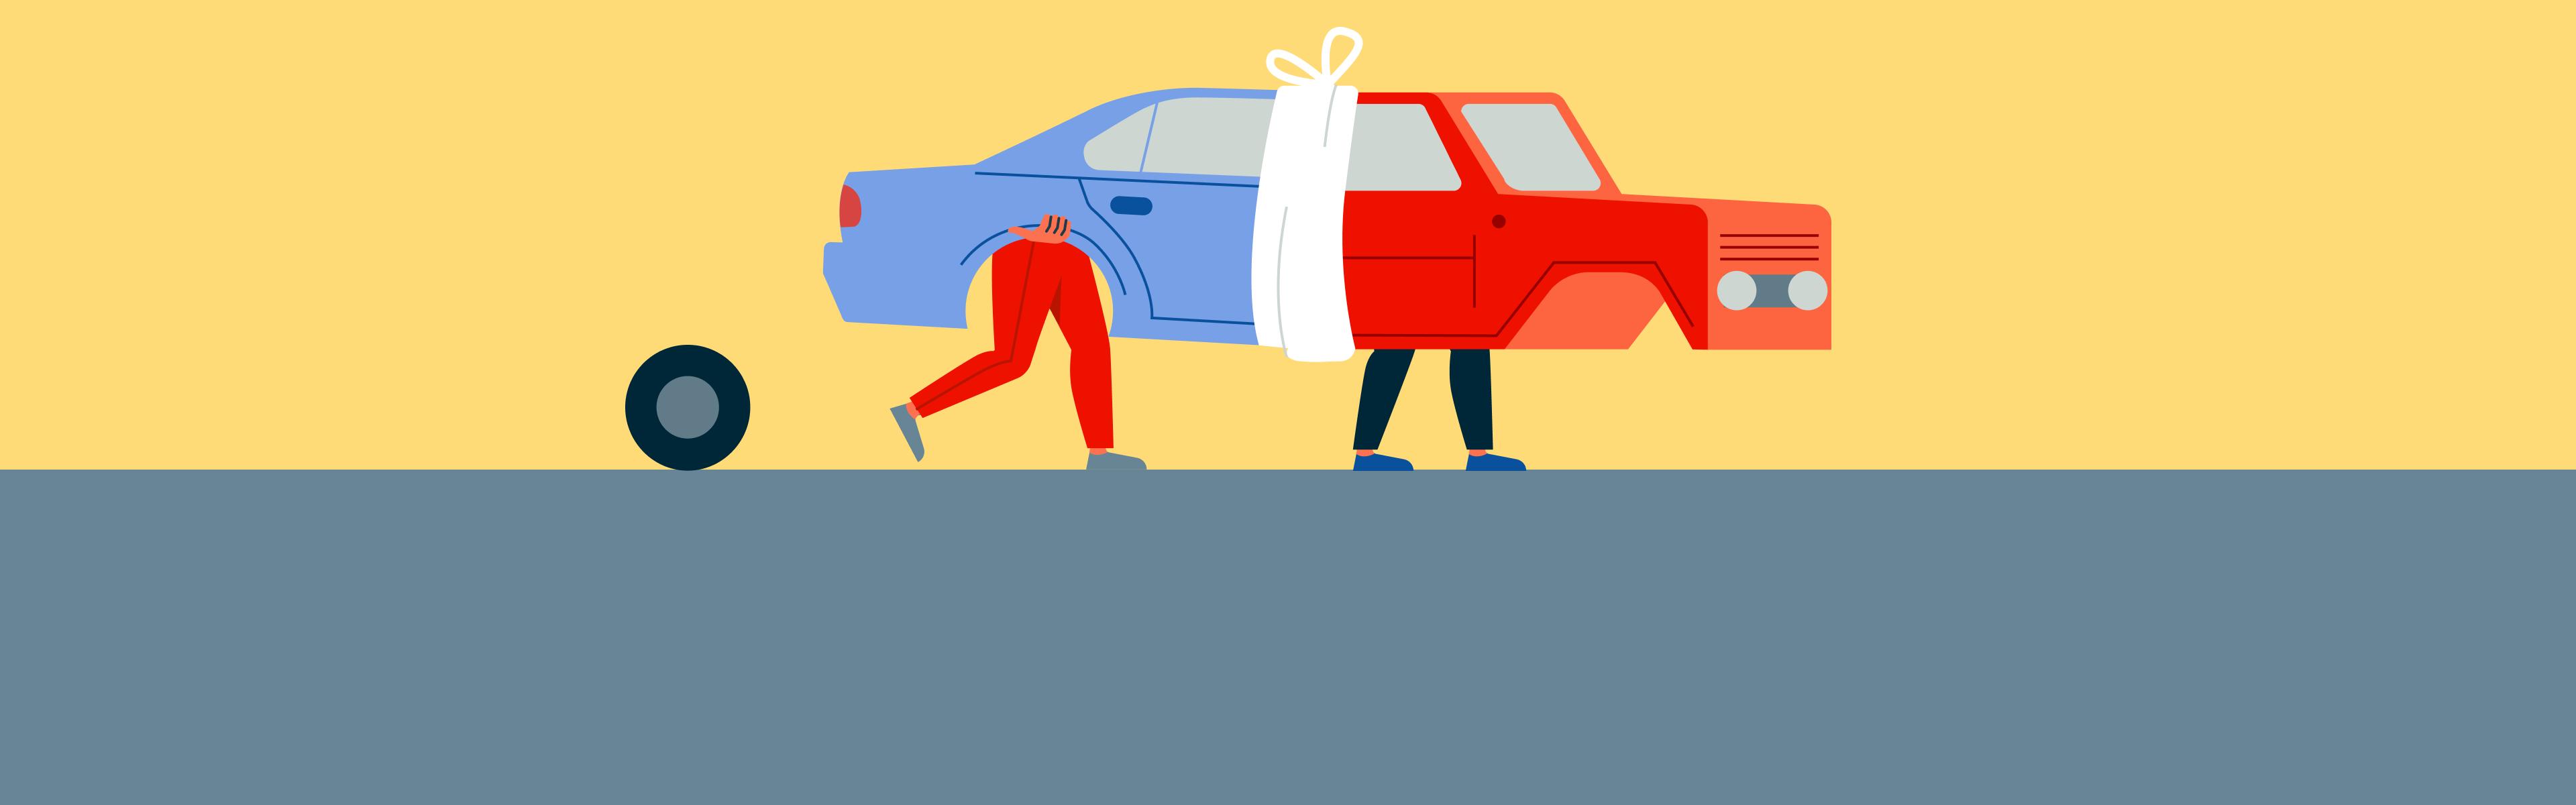 как узнать vin по гос номеру автомобиля